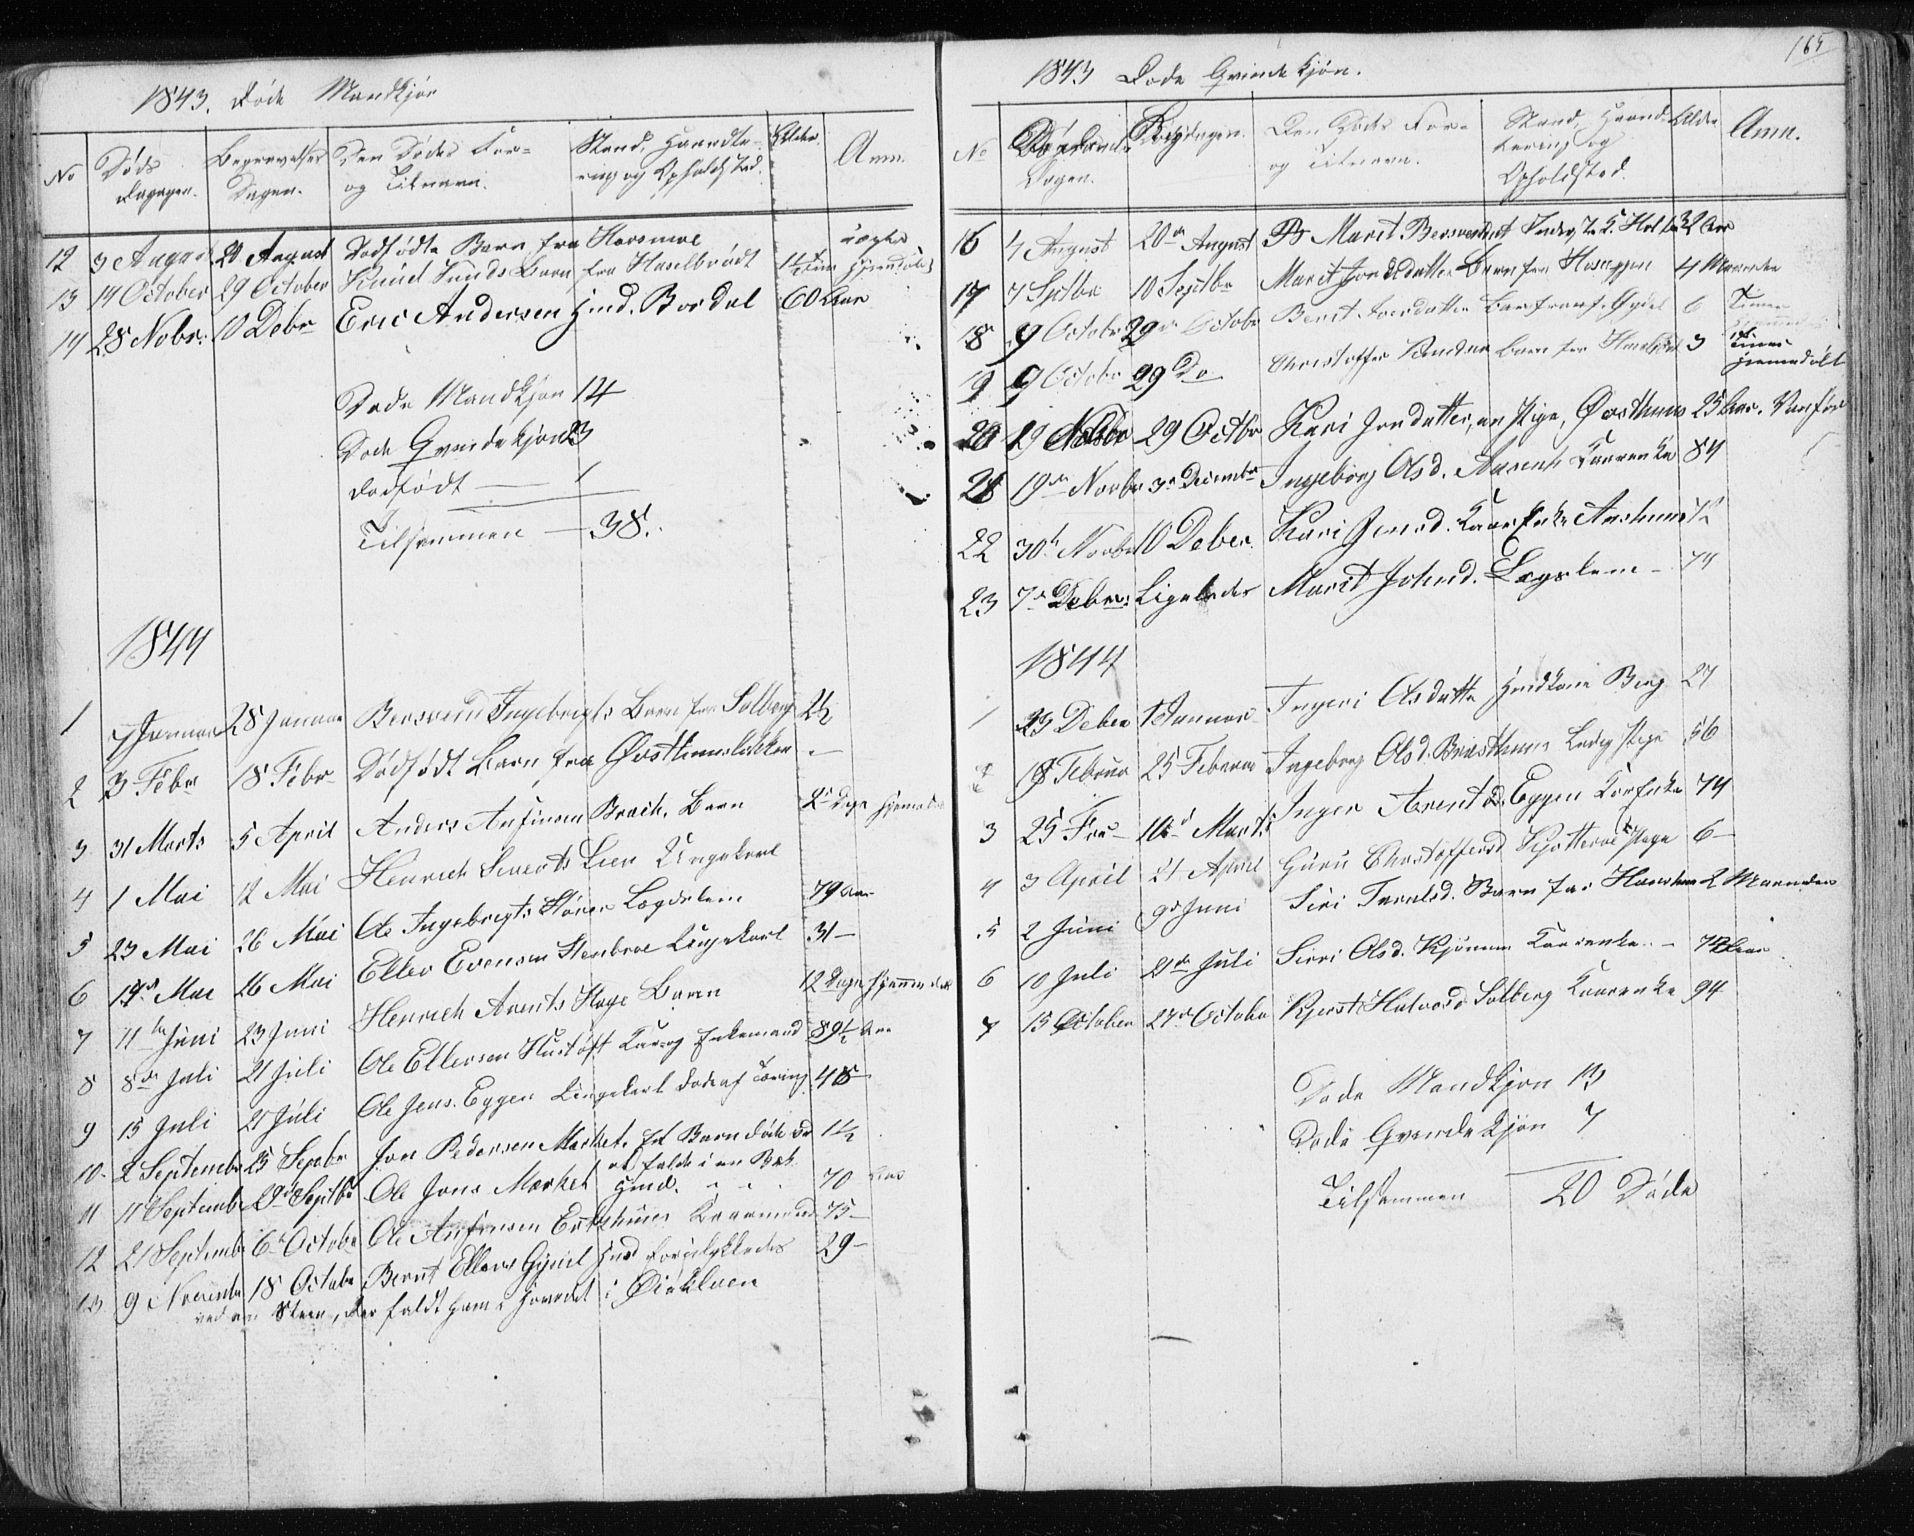 SAT, Ministerialprotokoller, klokkerbøker og fødselsregistre - Sør-Trøndelag, 689/L1043: Klokkerbok nr. 689C02, 1816-1892, s. 165